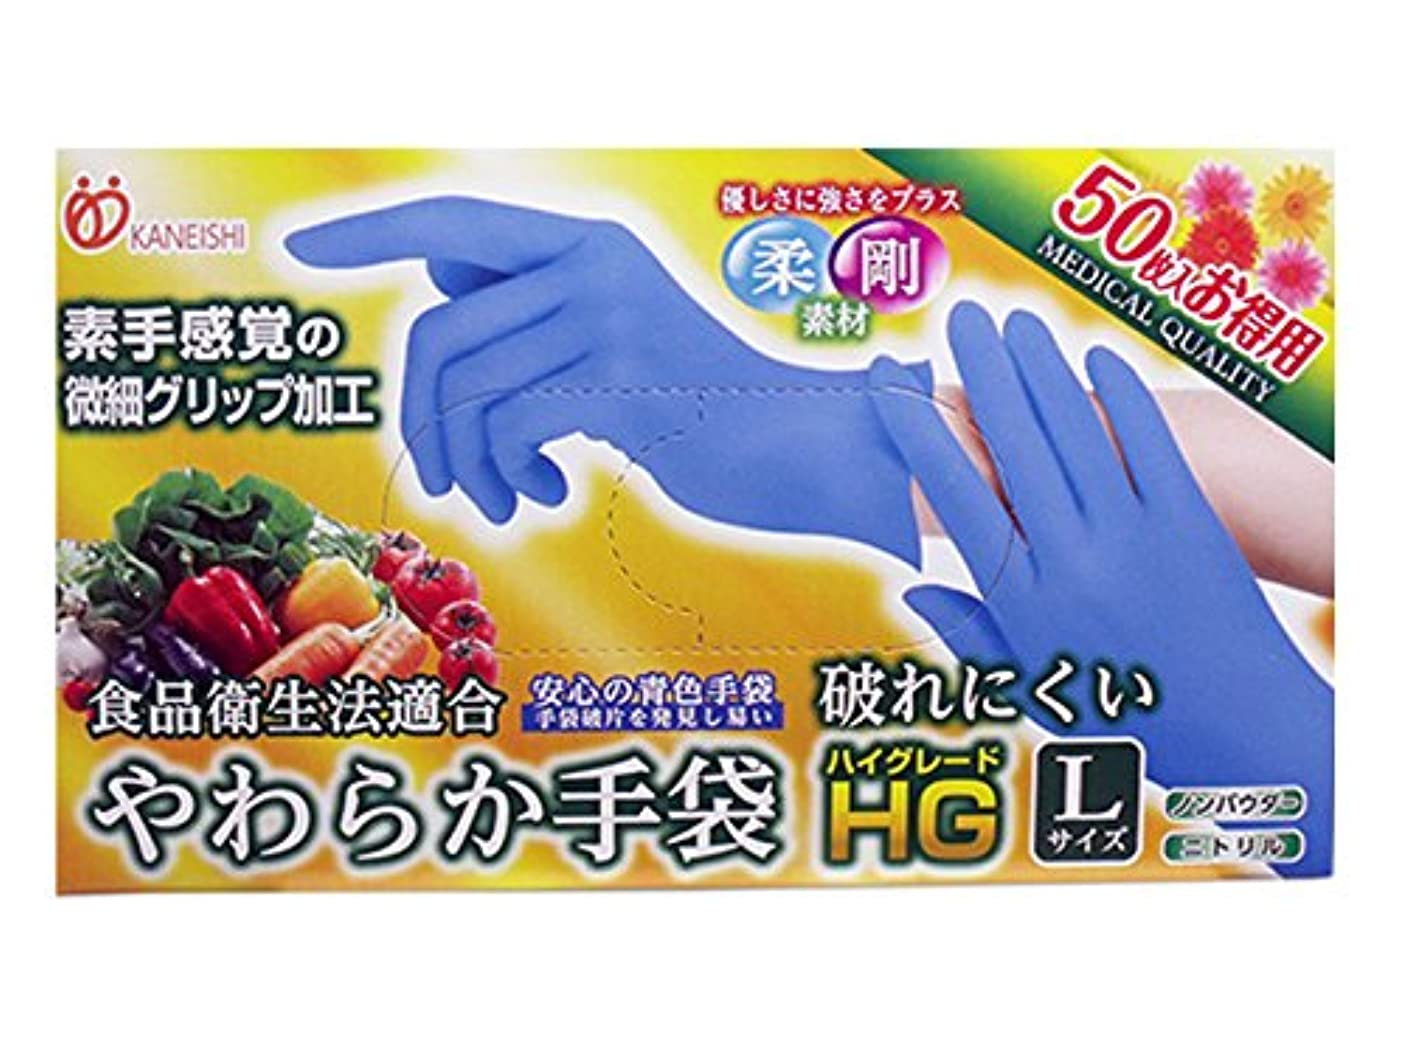 使い捨て手袋【カネイシ やわらか手袋HG二トリル手袋 粉無スーパーブルー】500枚(50枚入X10箱) 3サイズ選択可 (Lサイズ)